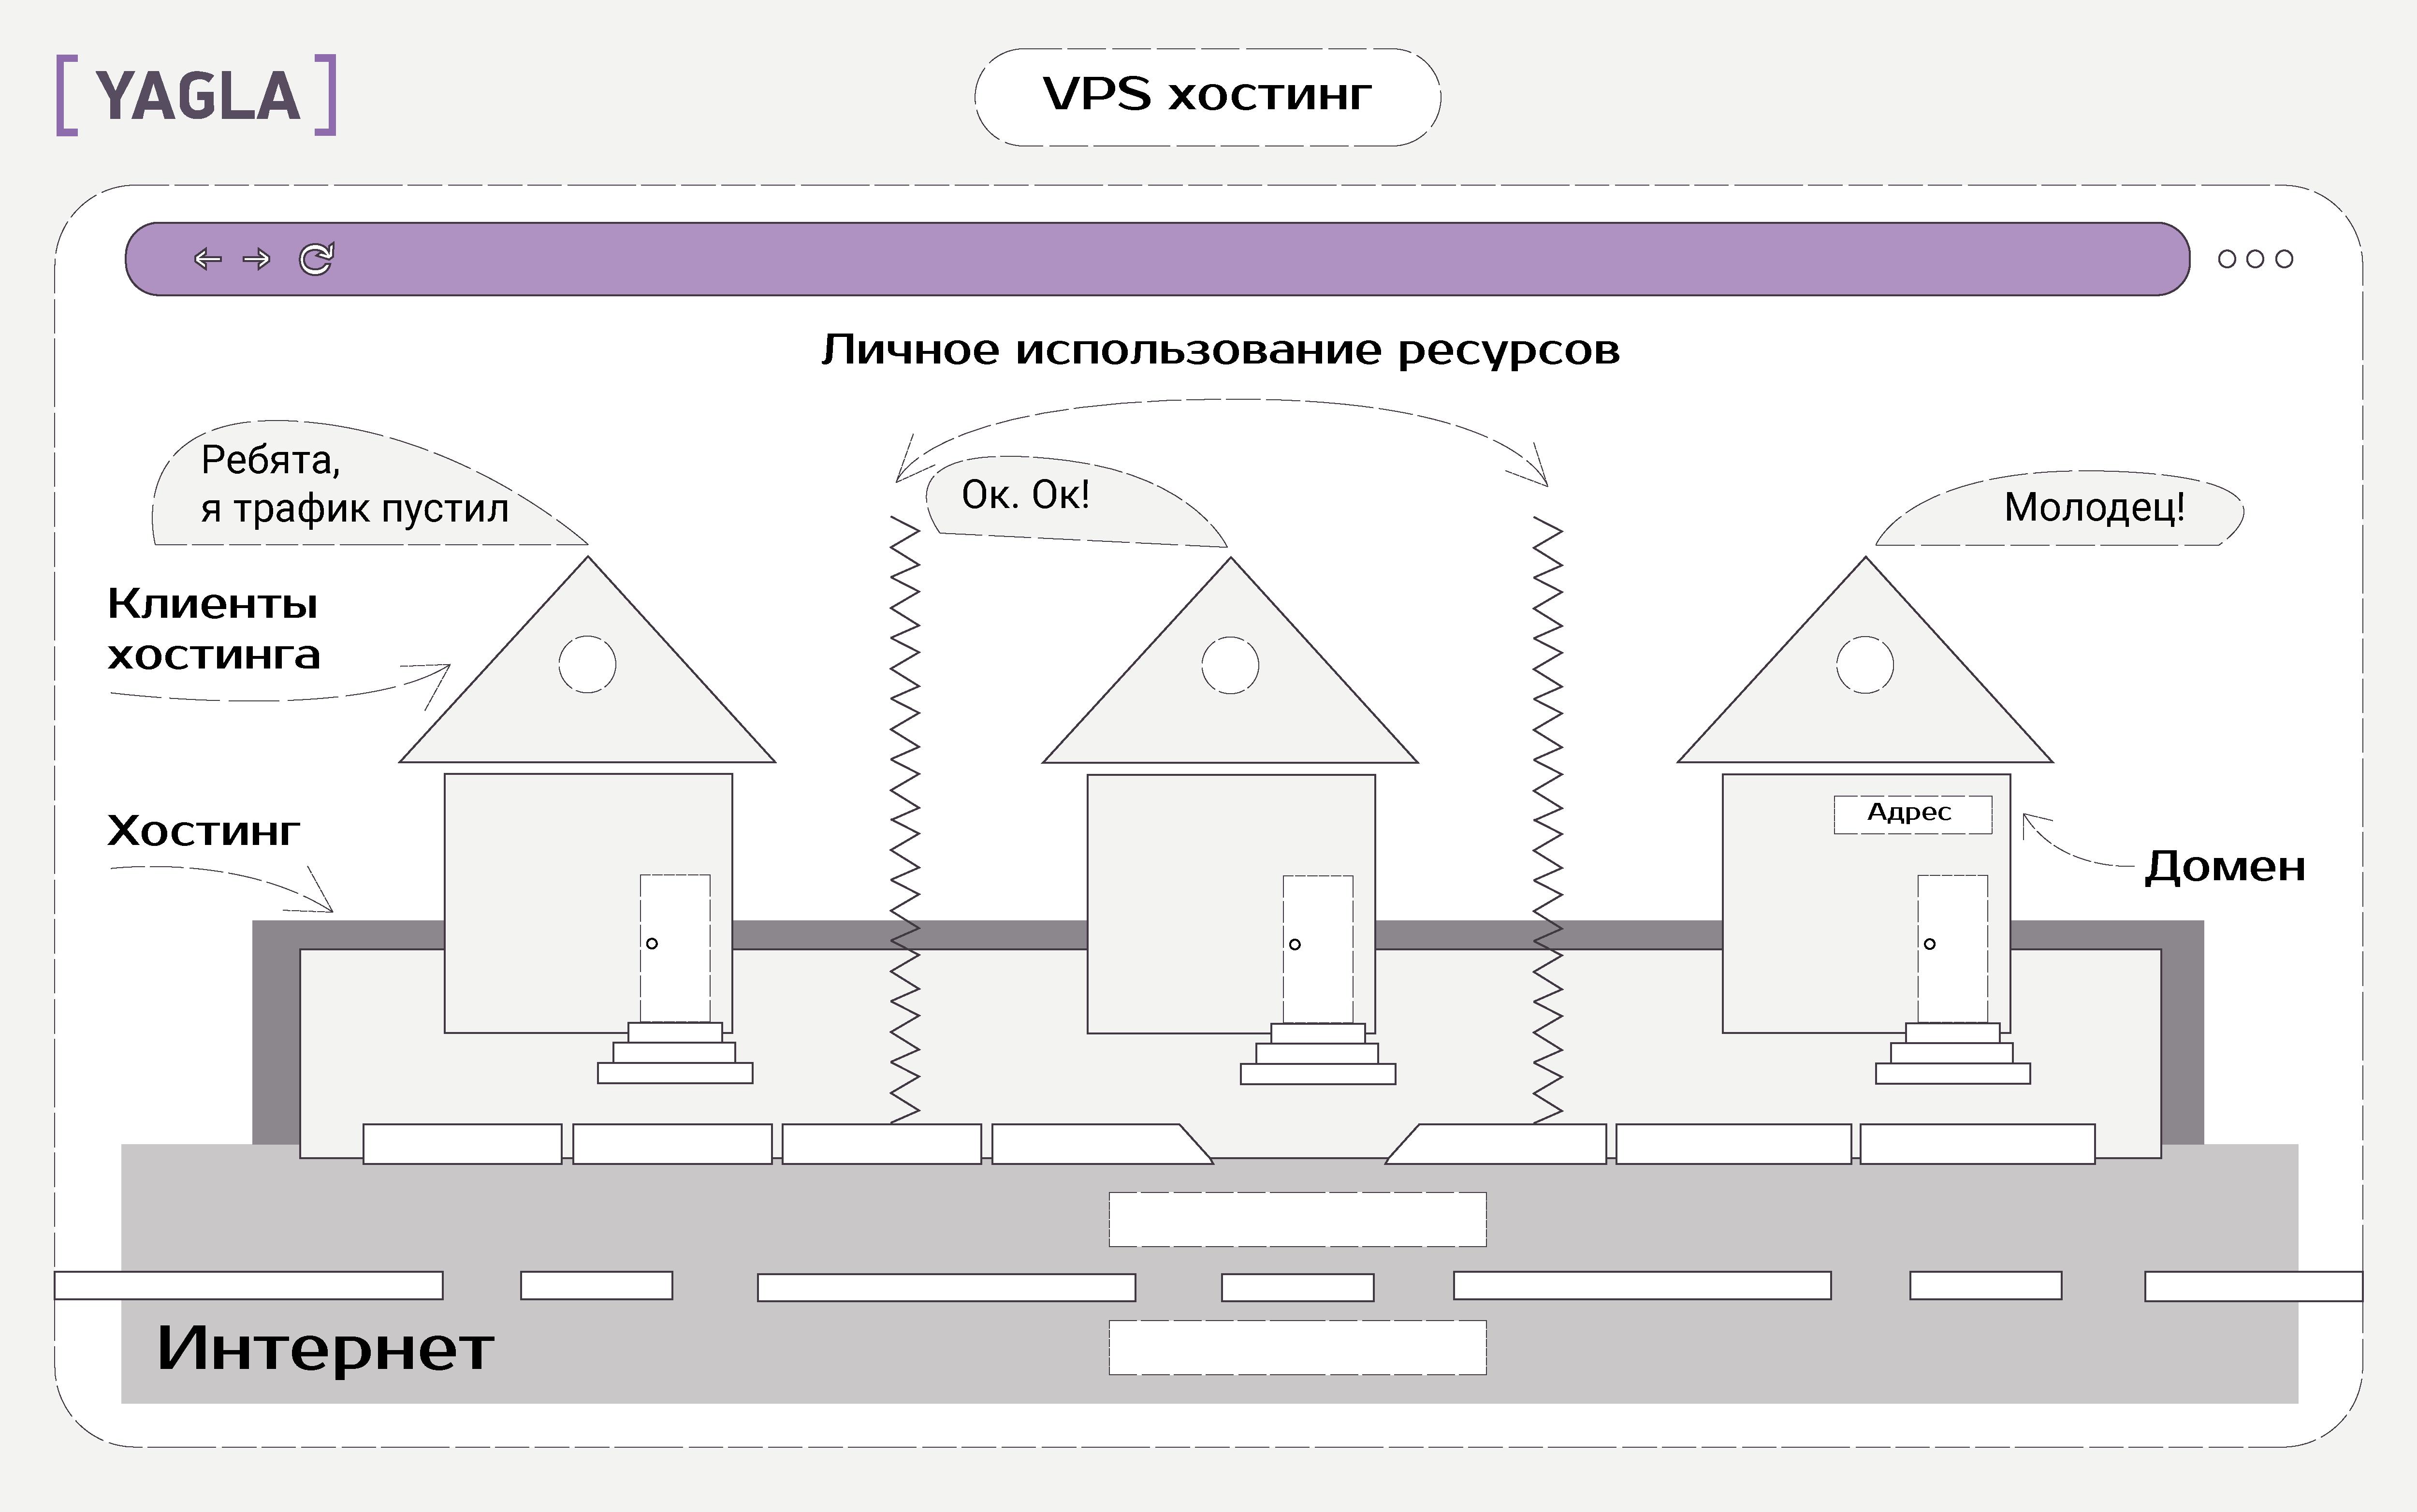 Тип хостинга: VPS хостинг